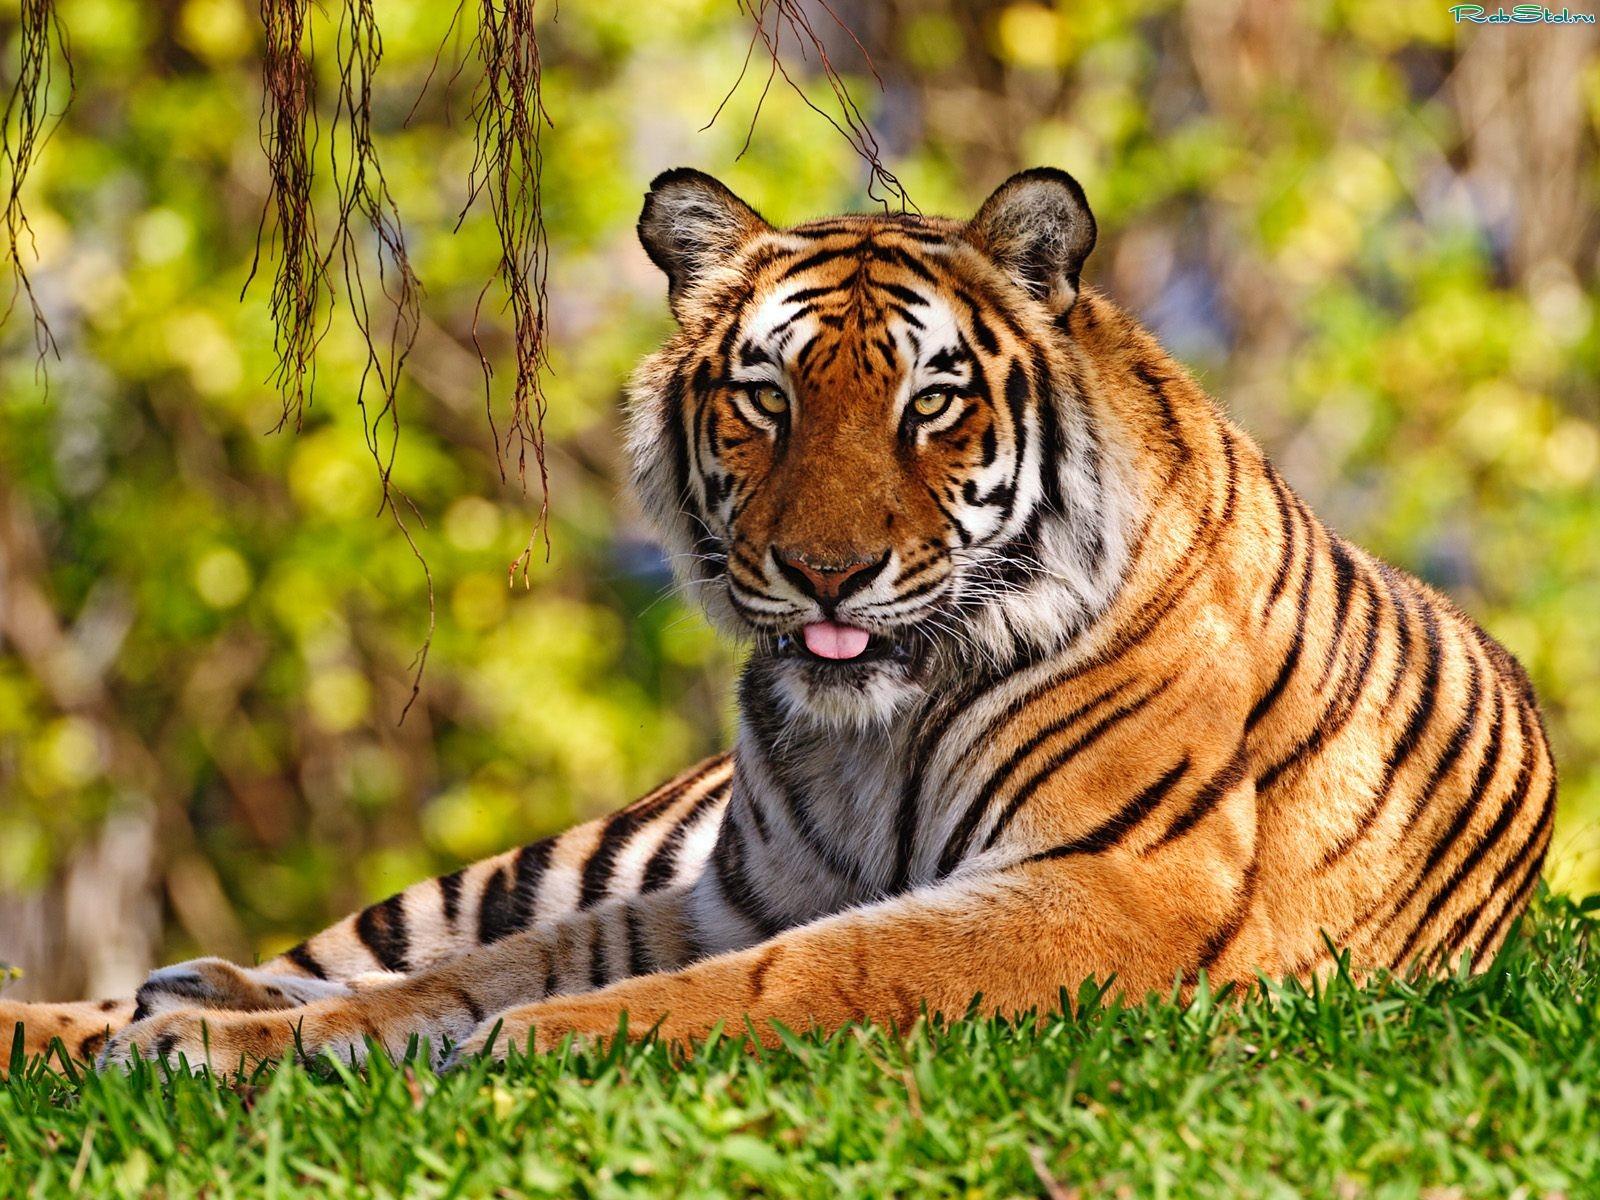 Скачать обои животные raymond reibel, тигр на рассвете на рабочий.